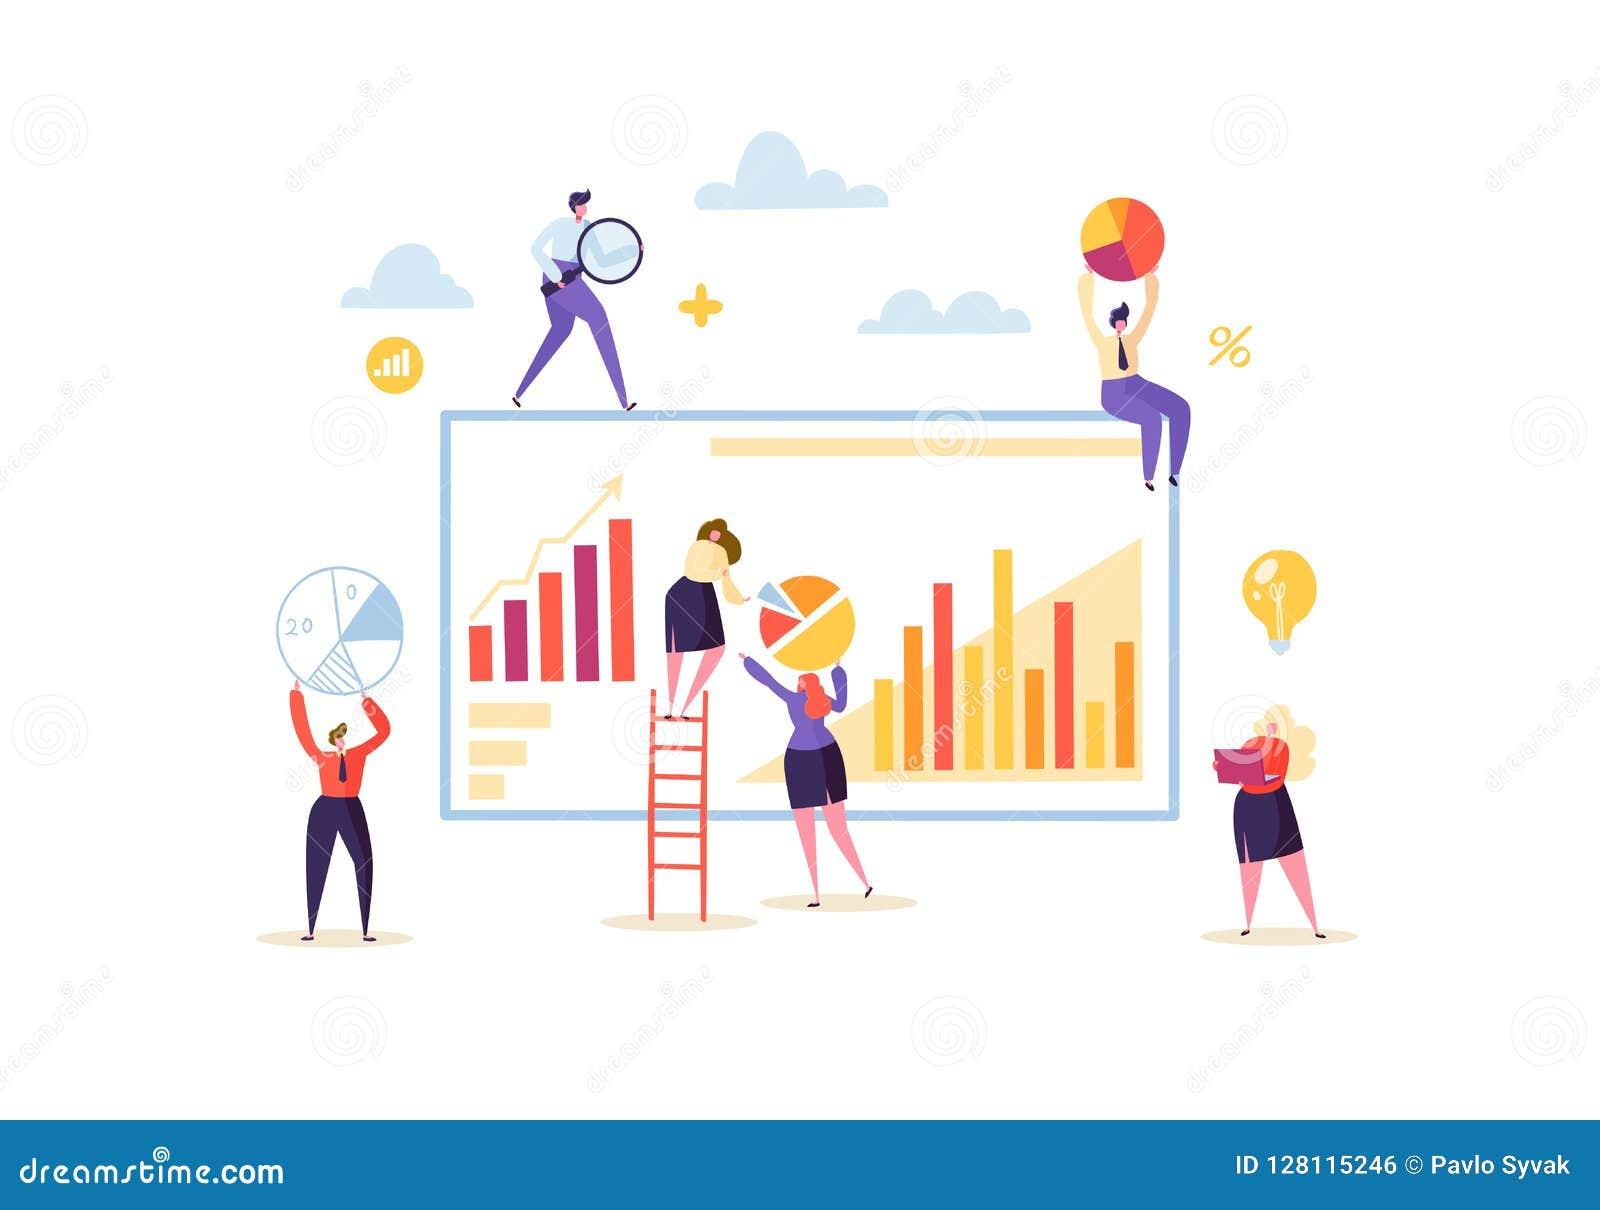 Großes Datenanalyse-Strategie-Konzept Marketing-Analytik mit Geschäftsleuten Charakter, diezusammen mit Diagrammen arbeiten